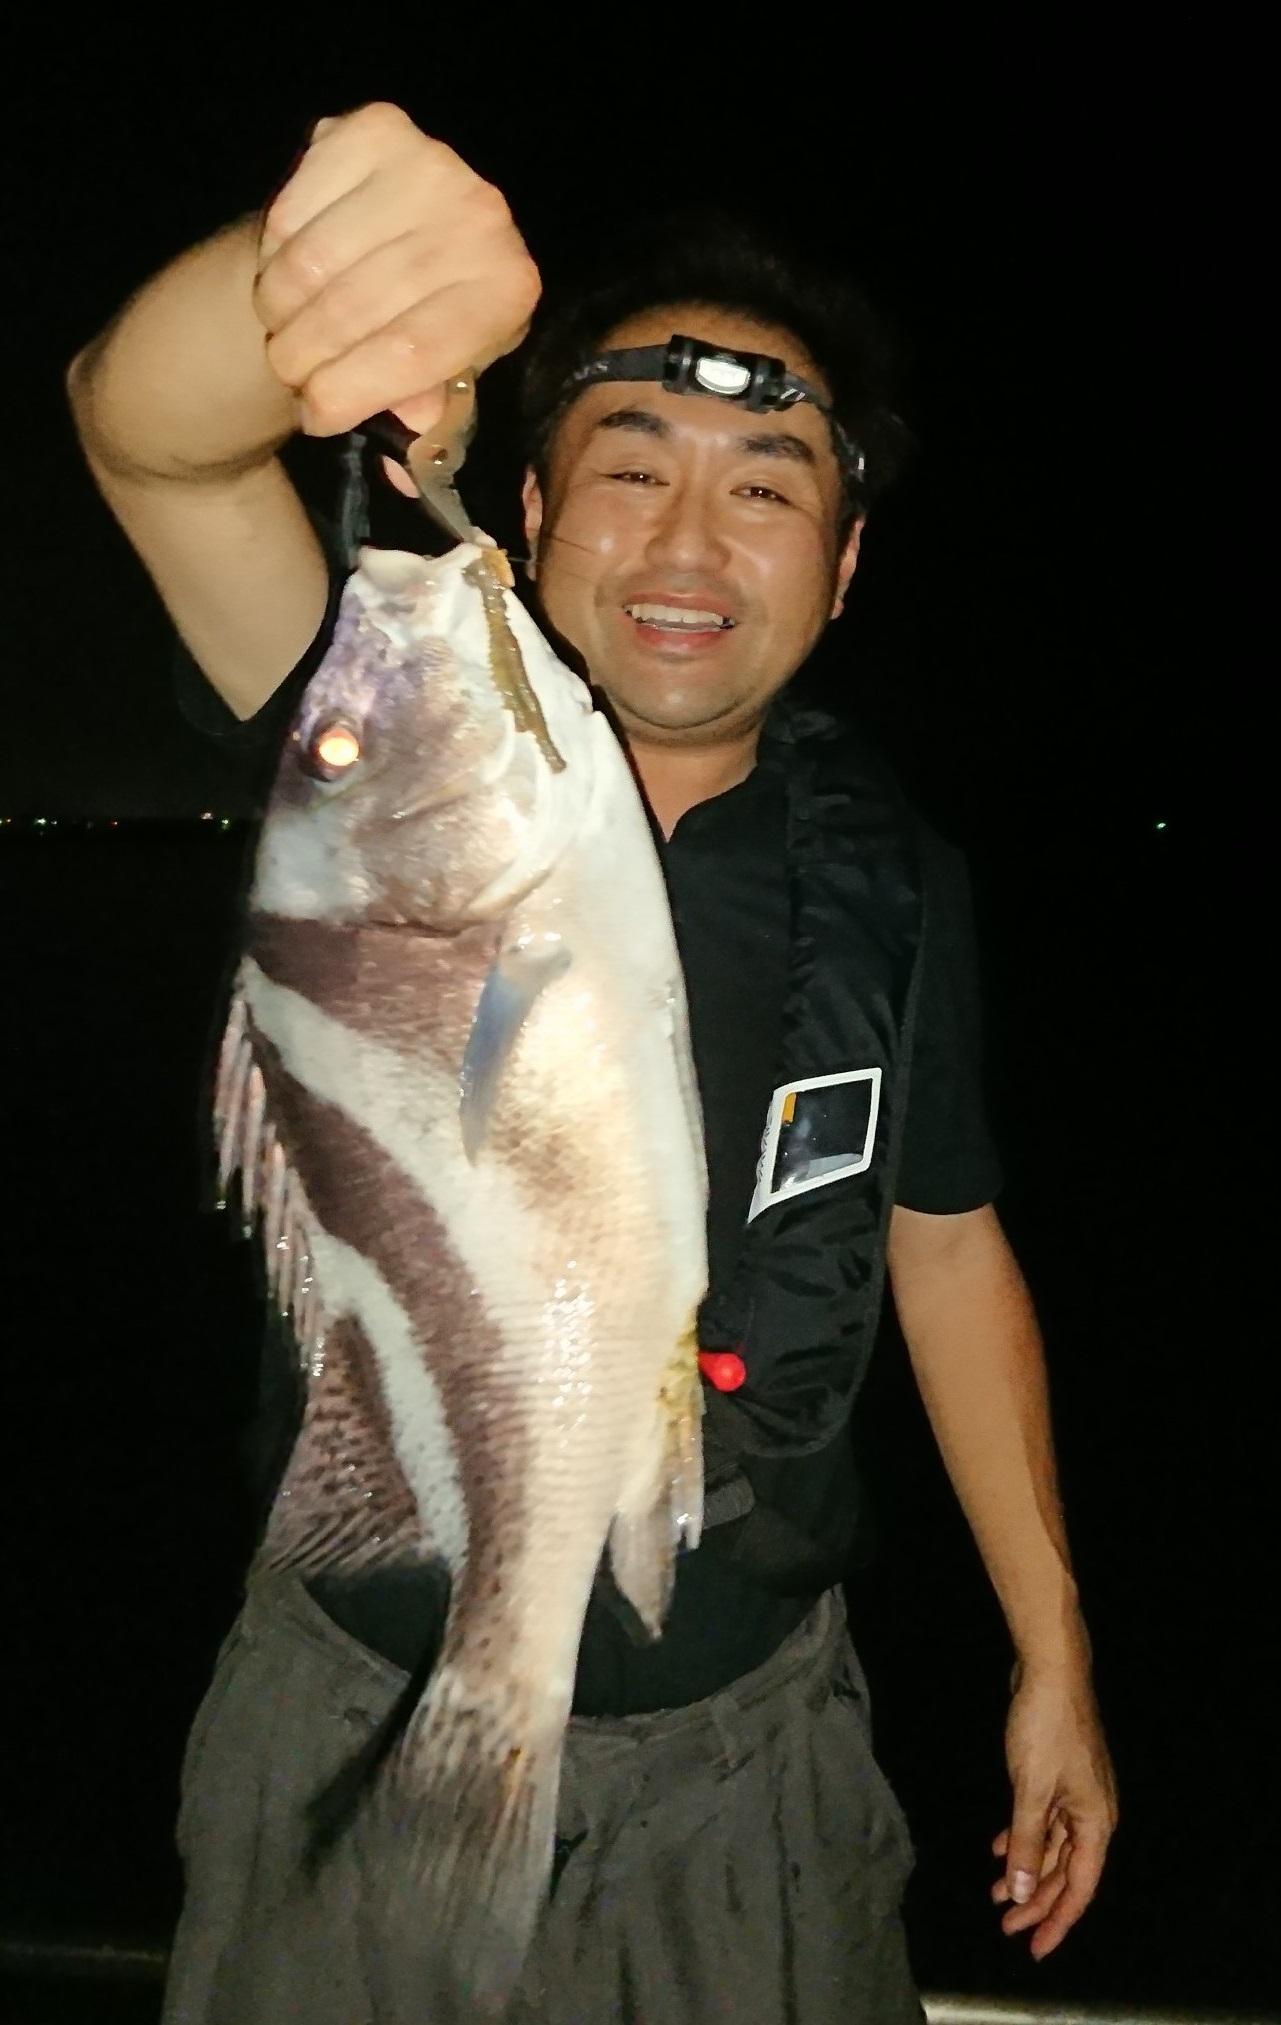 ちょい投げ釣りで釣れました エサはアオイソメ2本掛け